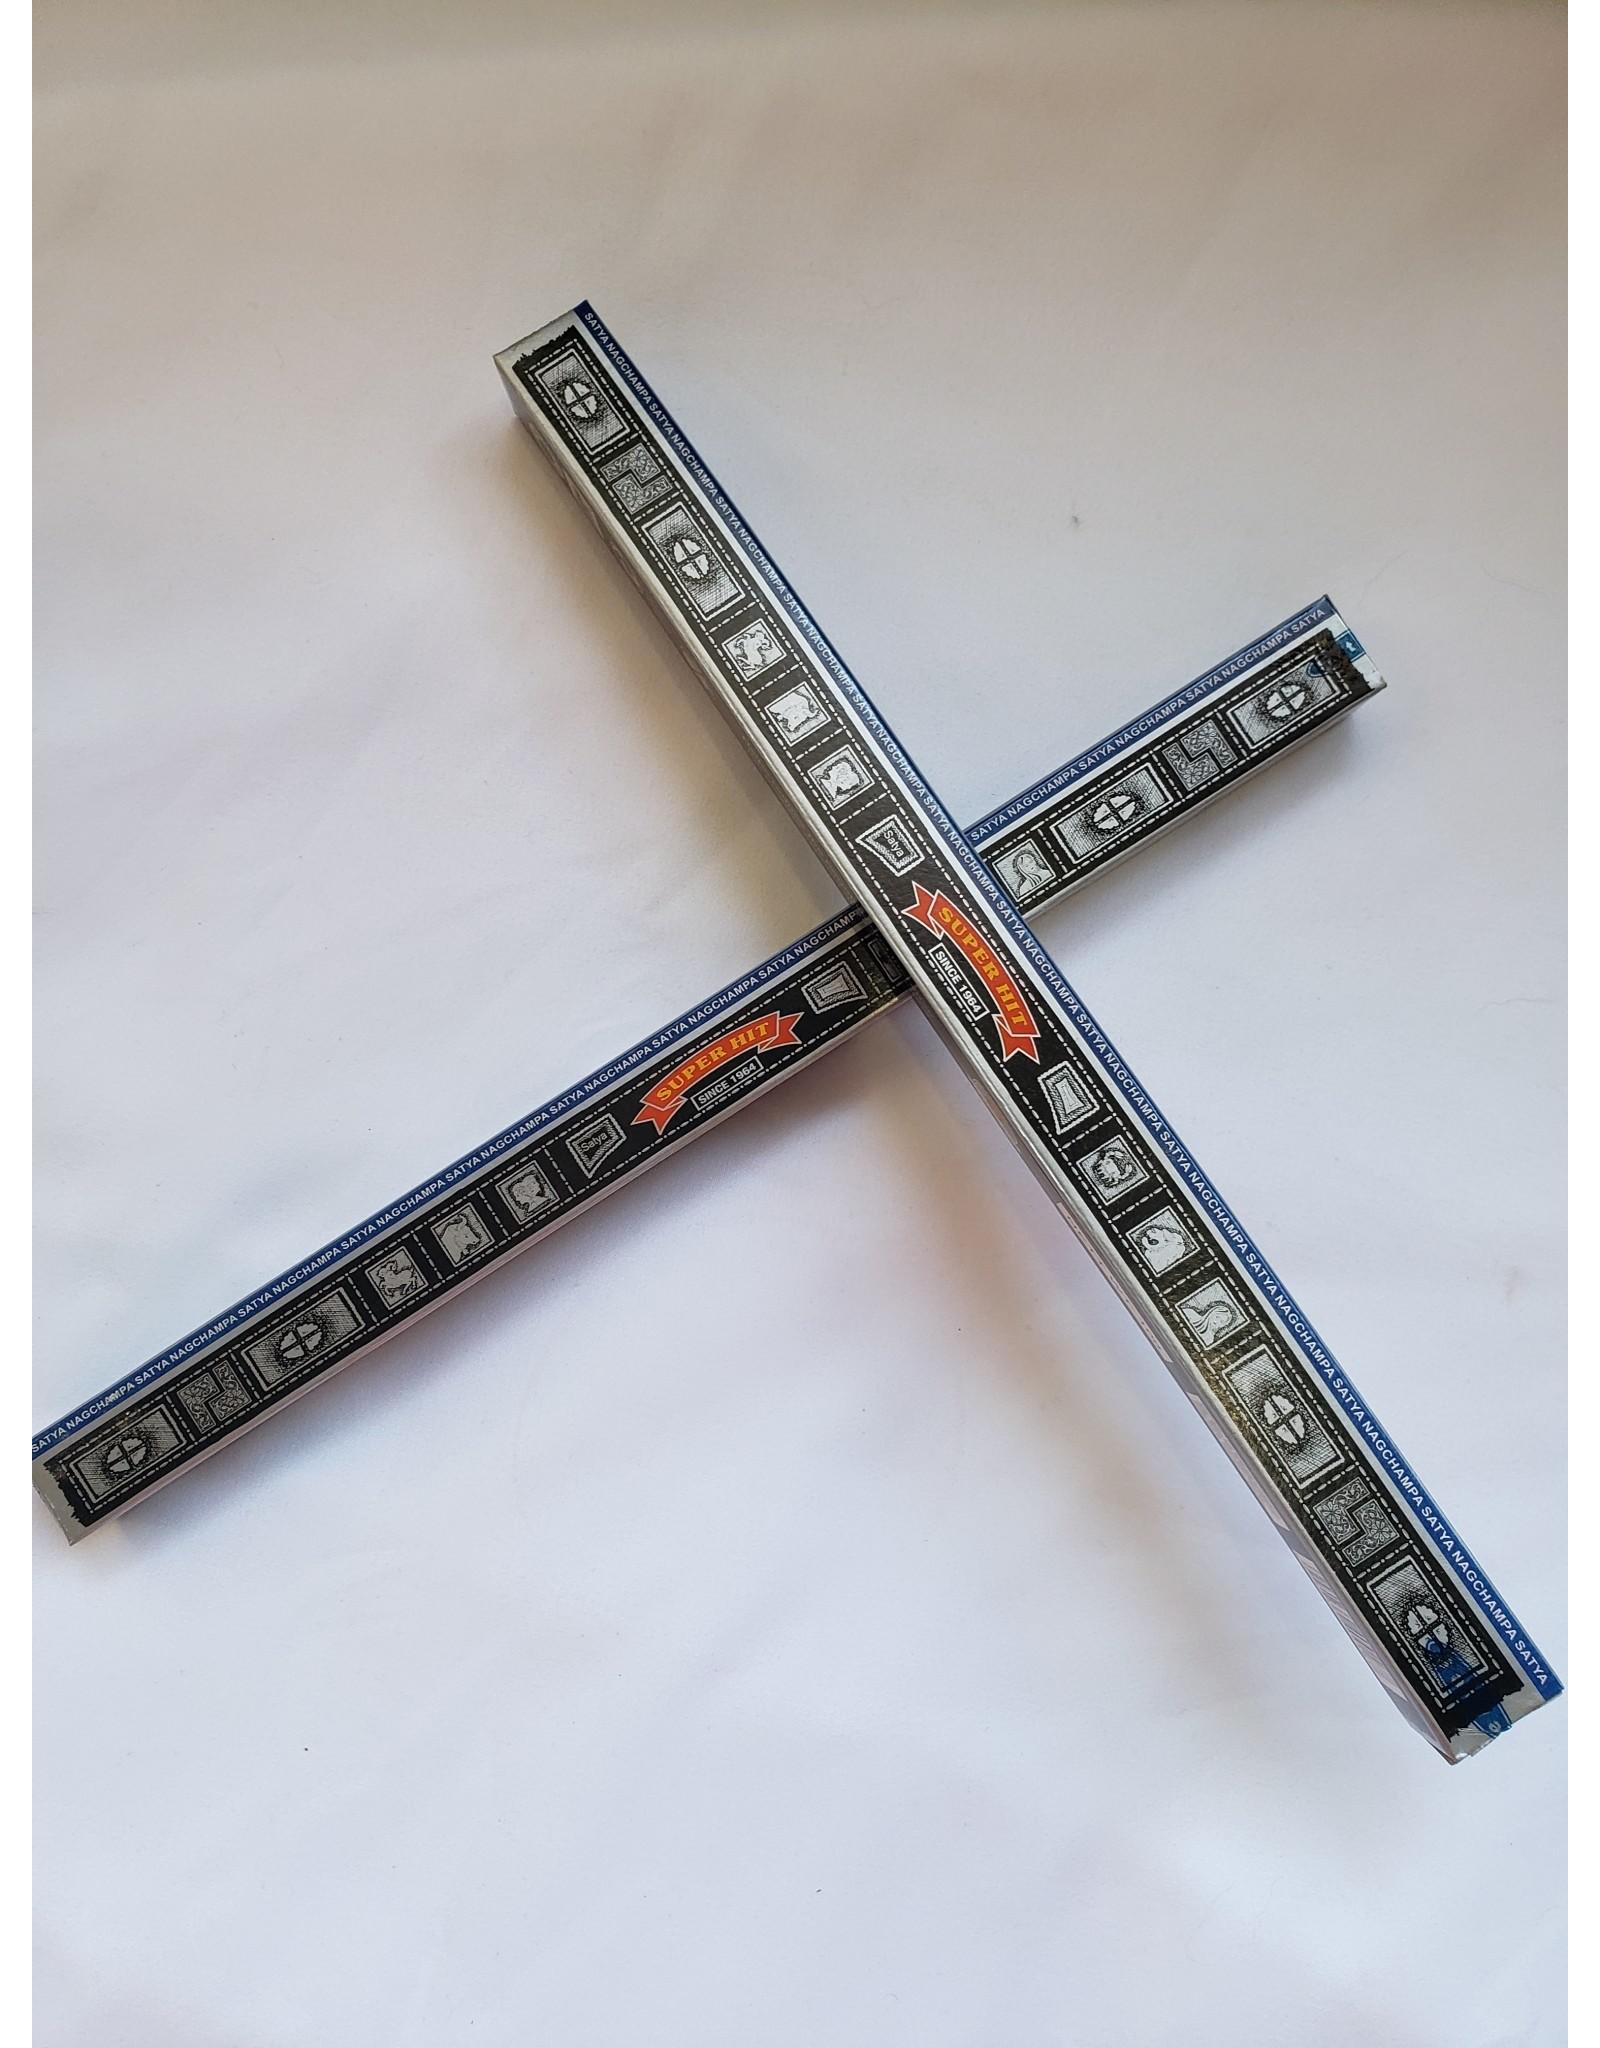 Satya Satya    Super Hit Incense Sticks   10g.